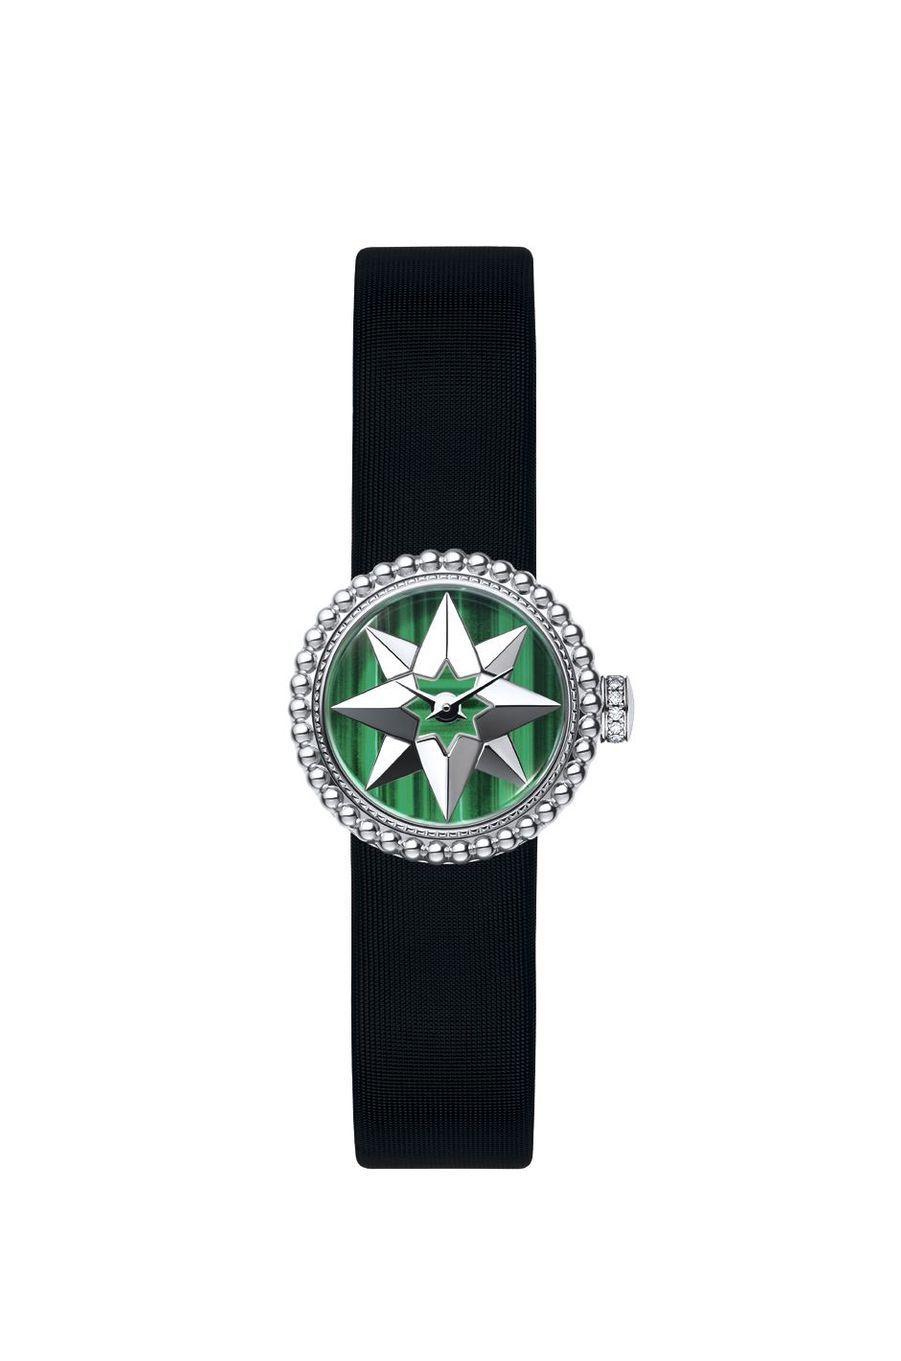 La Mini D de Dior Rose Des Vents en acier, cadran en acier et malachite, mouvement à quartz, bracelet en satin. 4800 €. Dior.